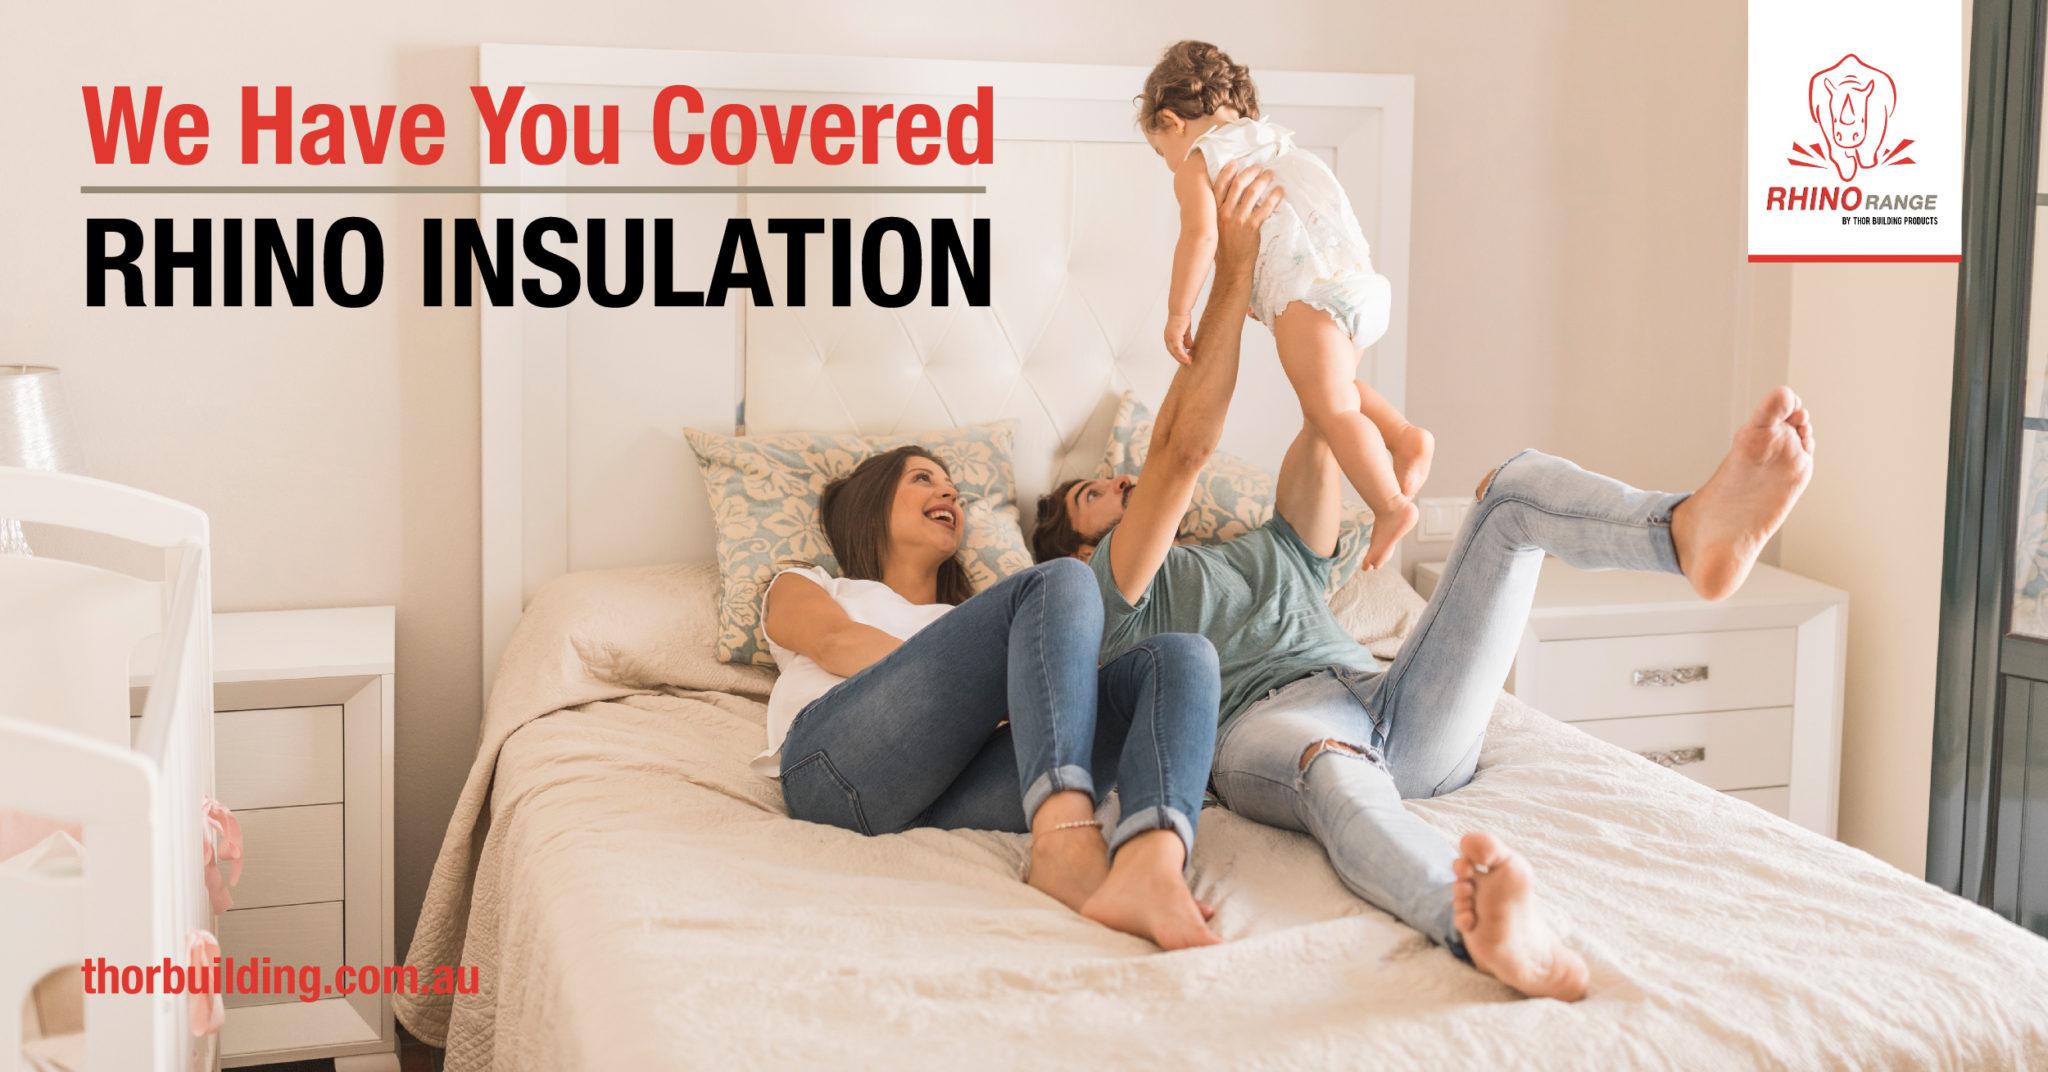 insulation Foil blanket